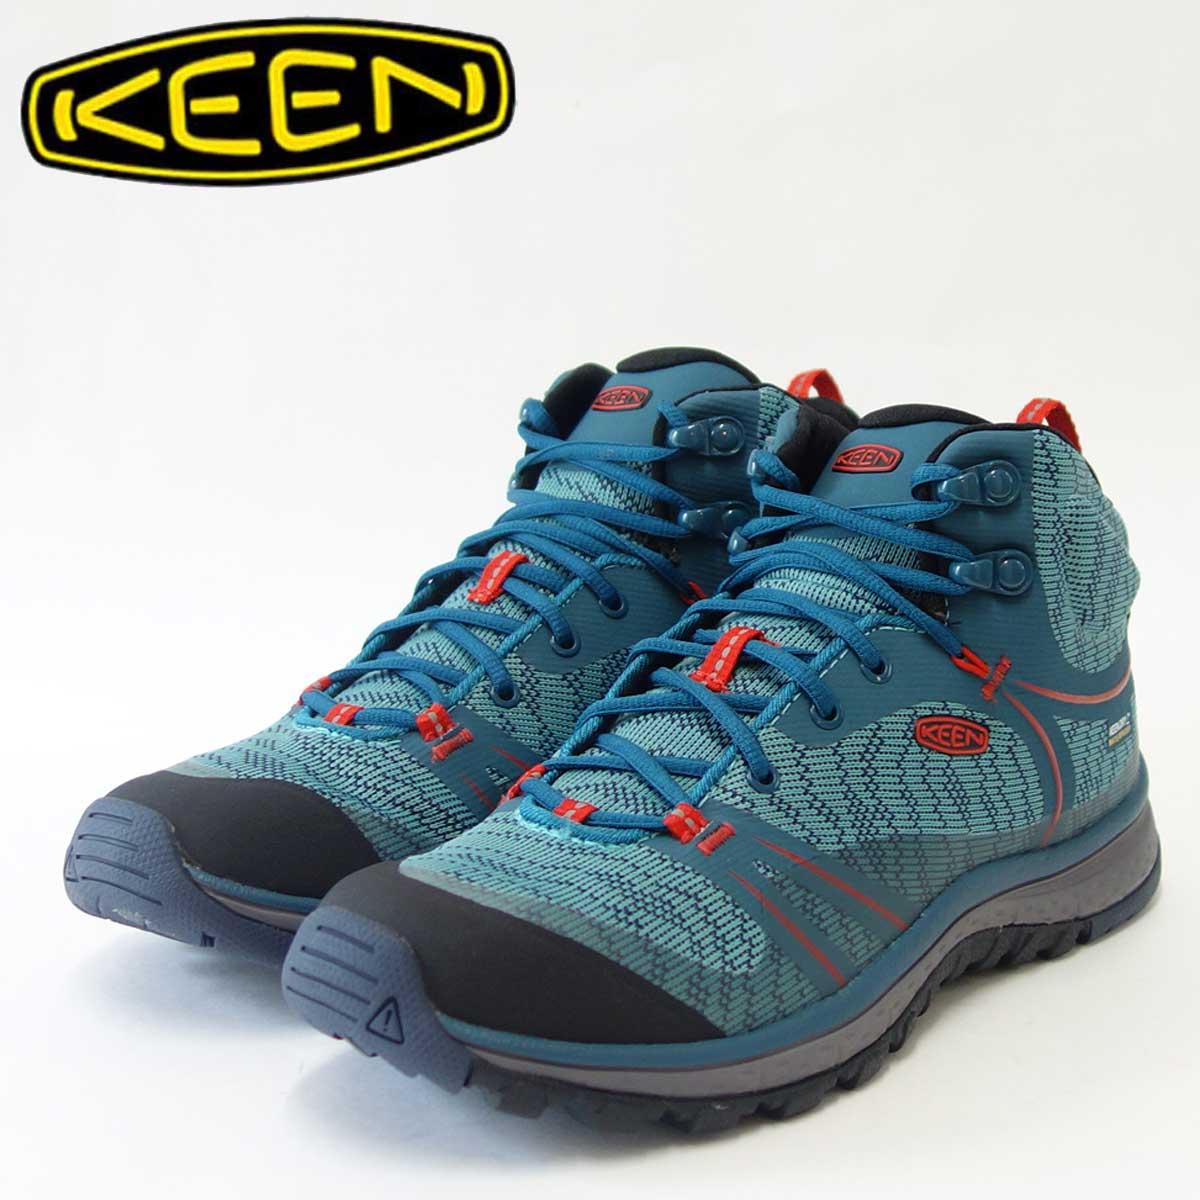 KEEN キーン Terradora Mid WP 1017685 テラドーラ ミッド ウォータープルーフ(ウィメンズ)防水仕様、通気性抜群のアウトドアフィットネスシューズカラー: Blue Coral / Fiery Red「靴」